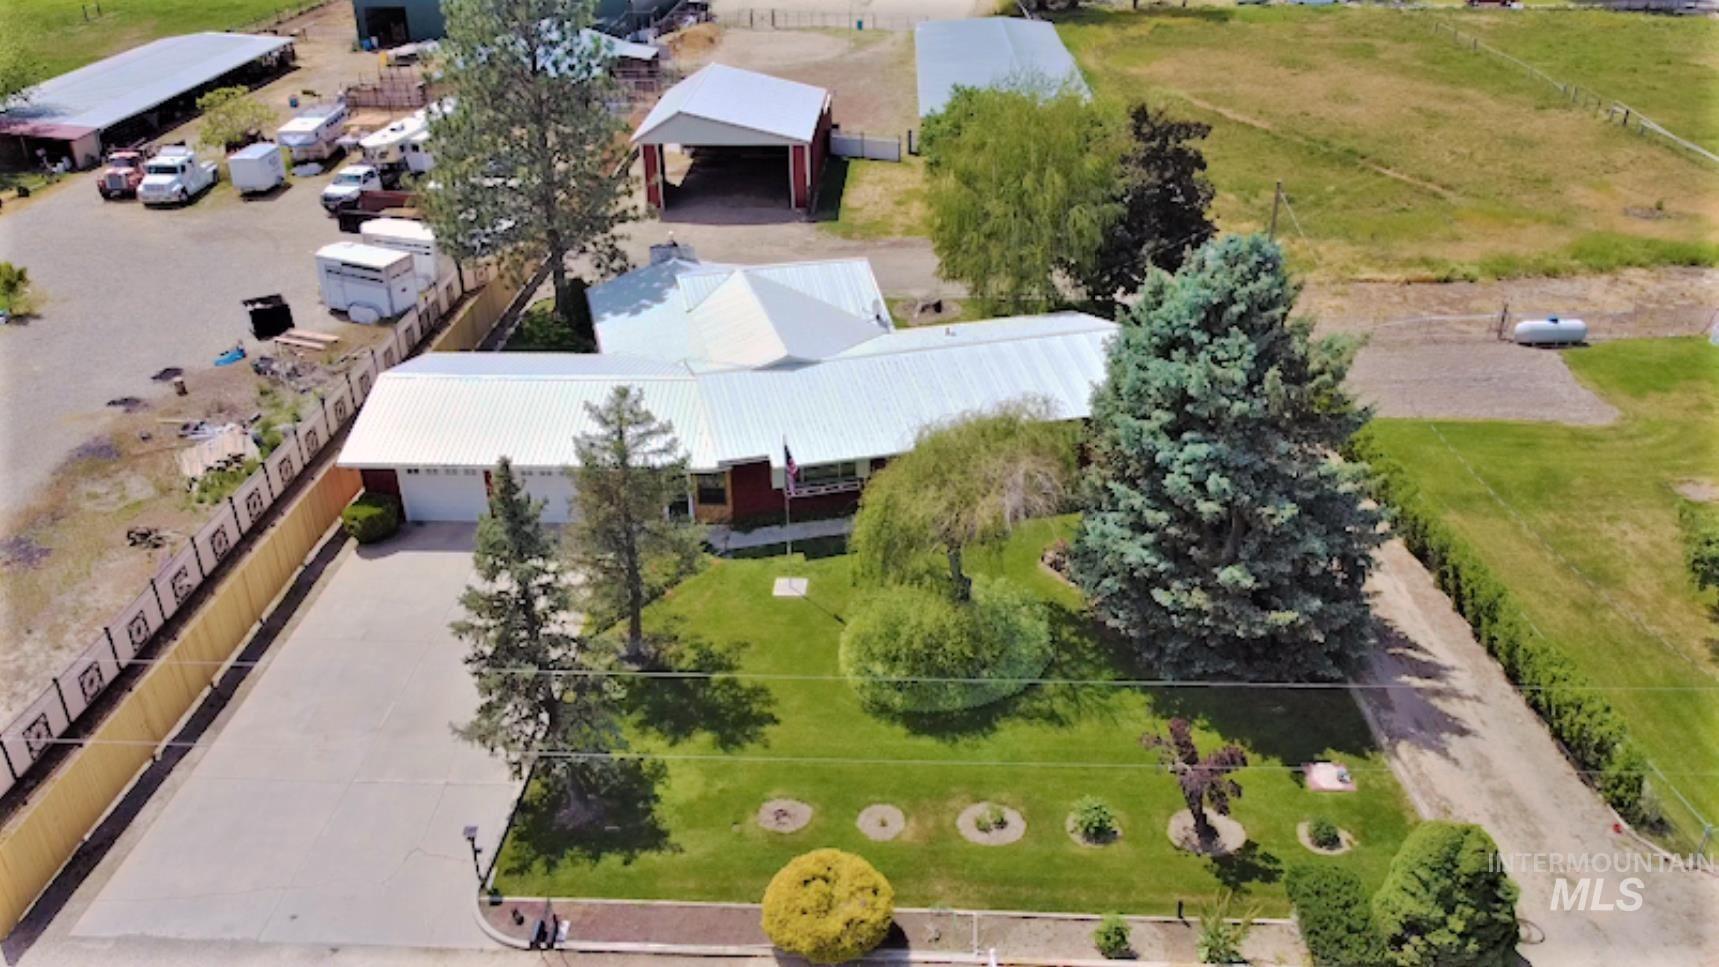 3805 S Mill Rd, Emmett, ID 83617 - MLS#: 98806205